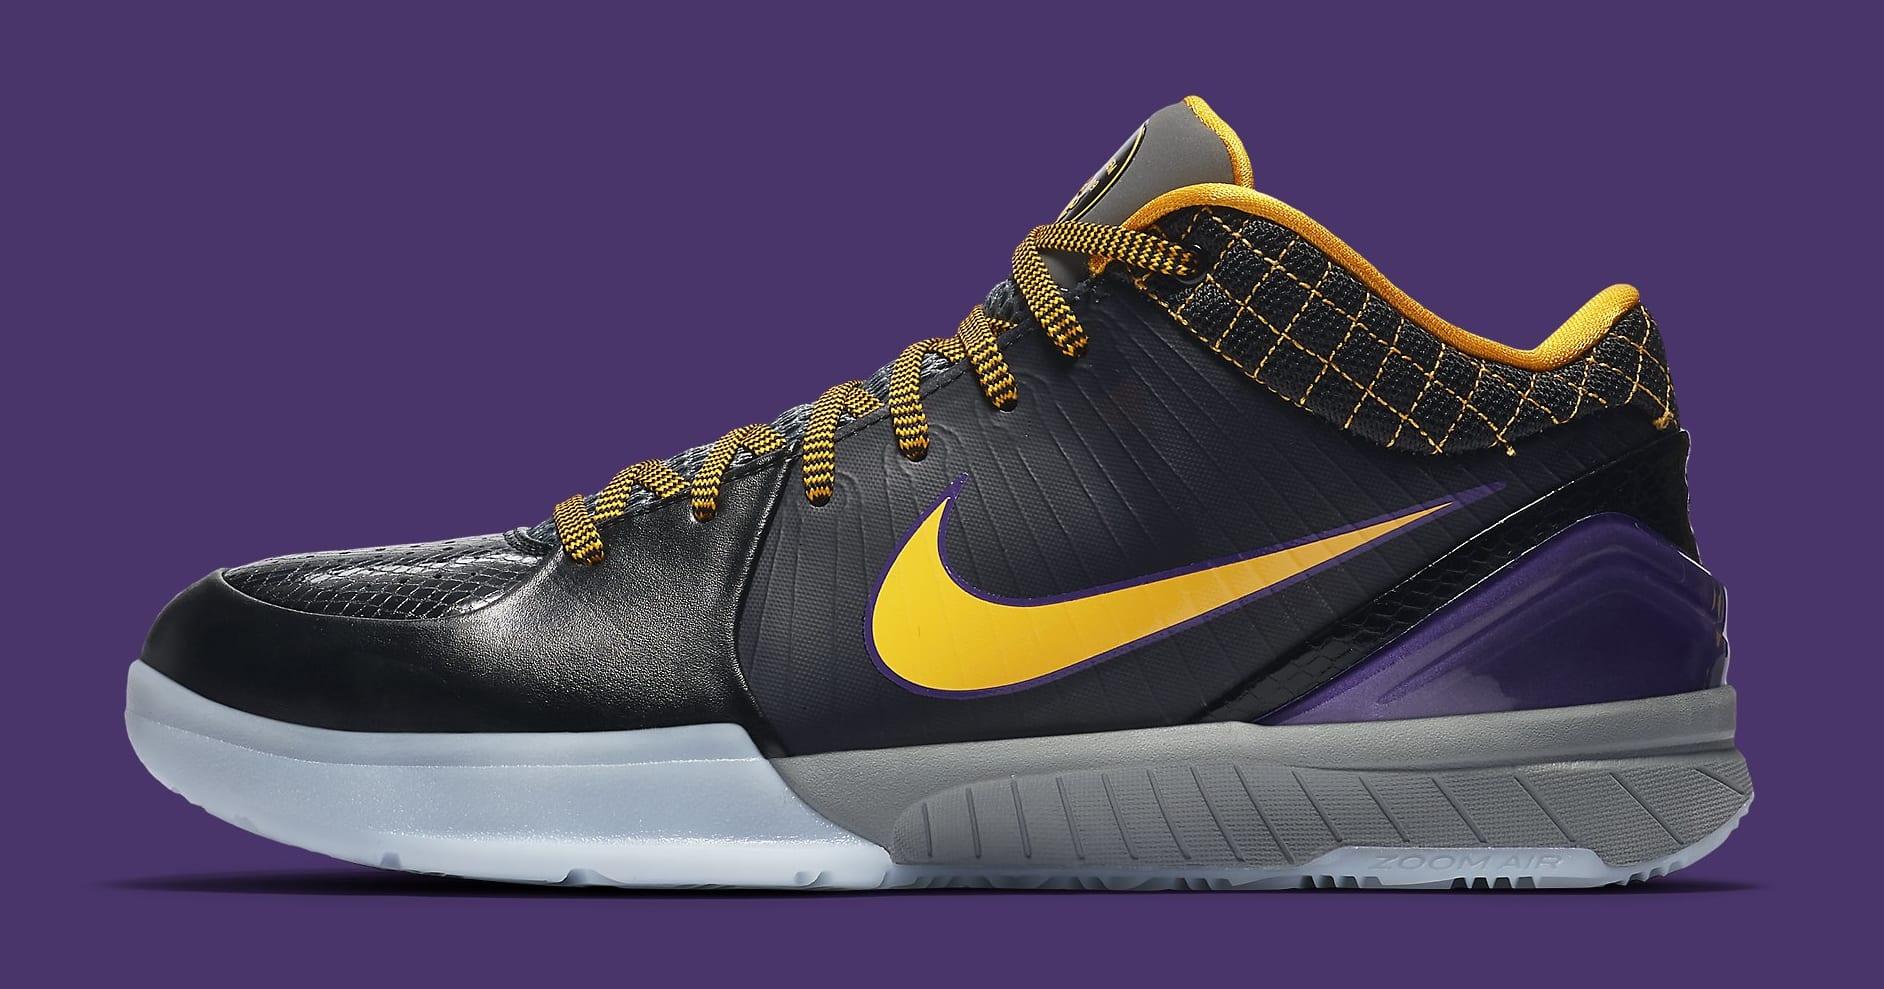 The 'Carpe Diem' Nike Zoom Kobe 4 Protro Is Officially Releasing Next Week